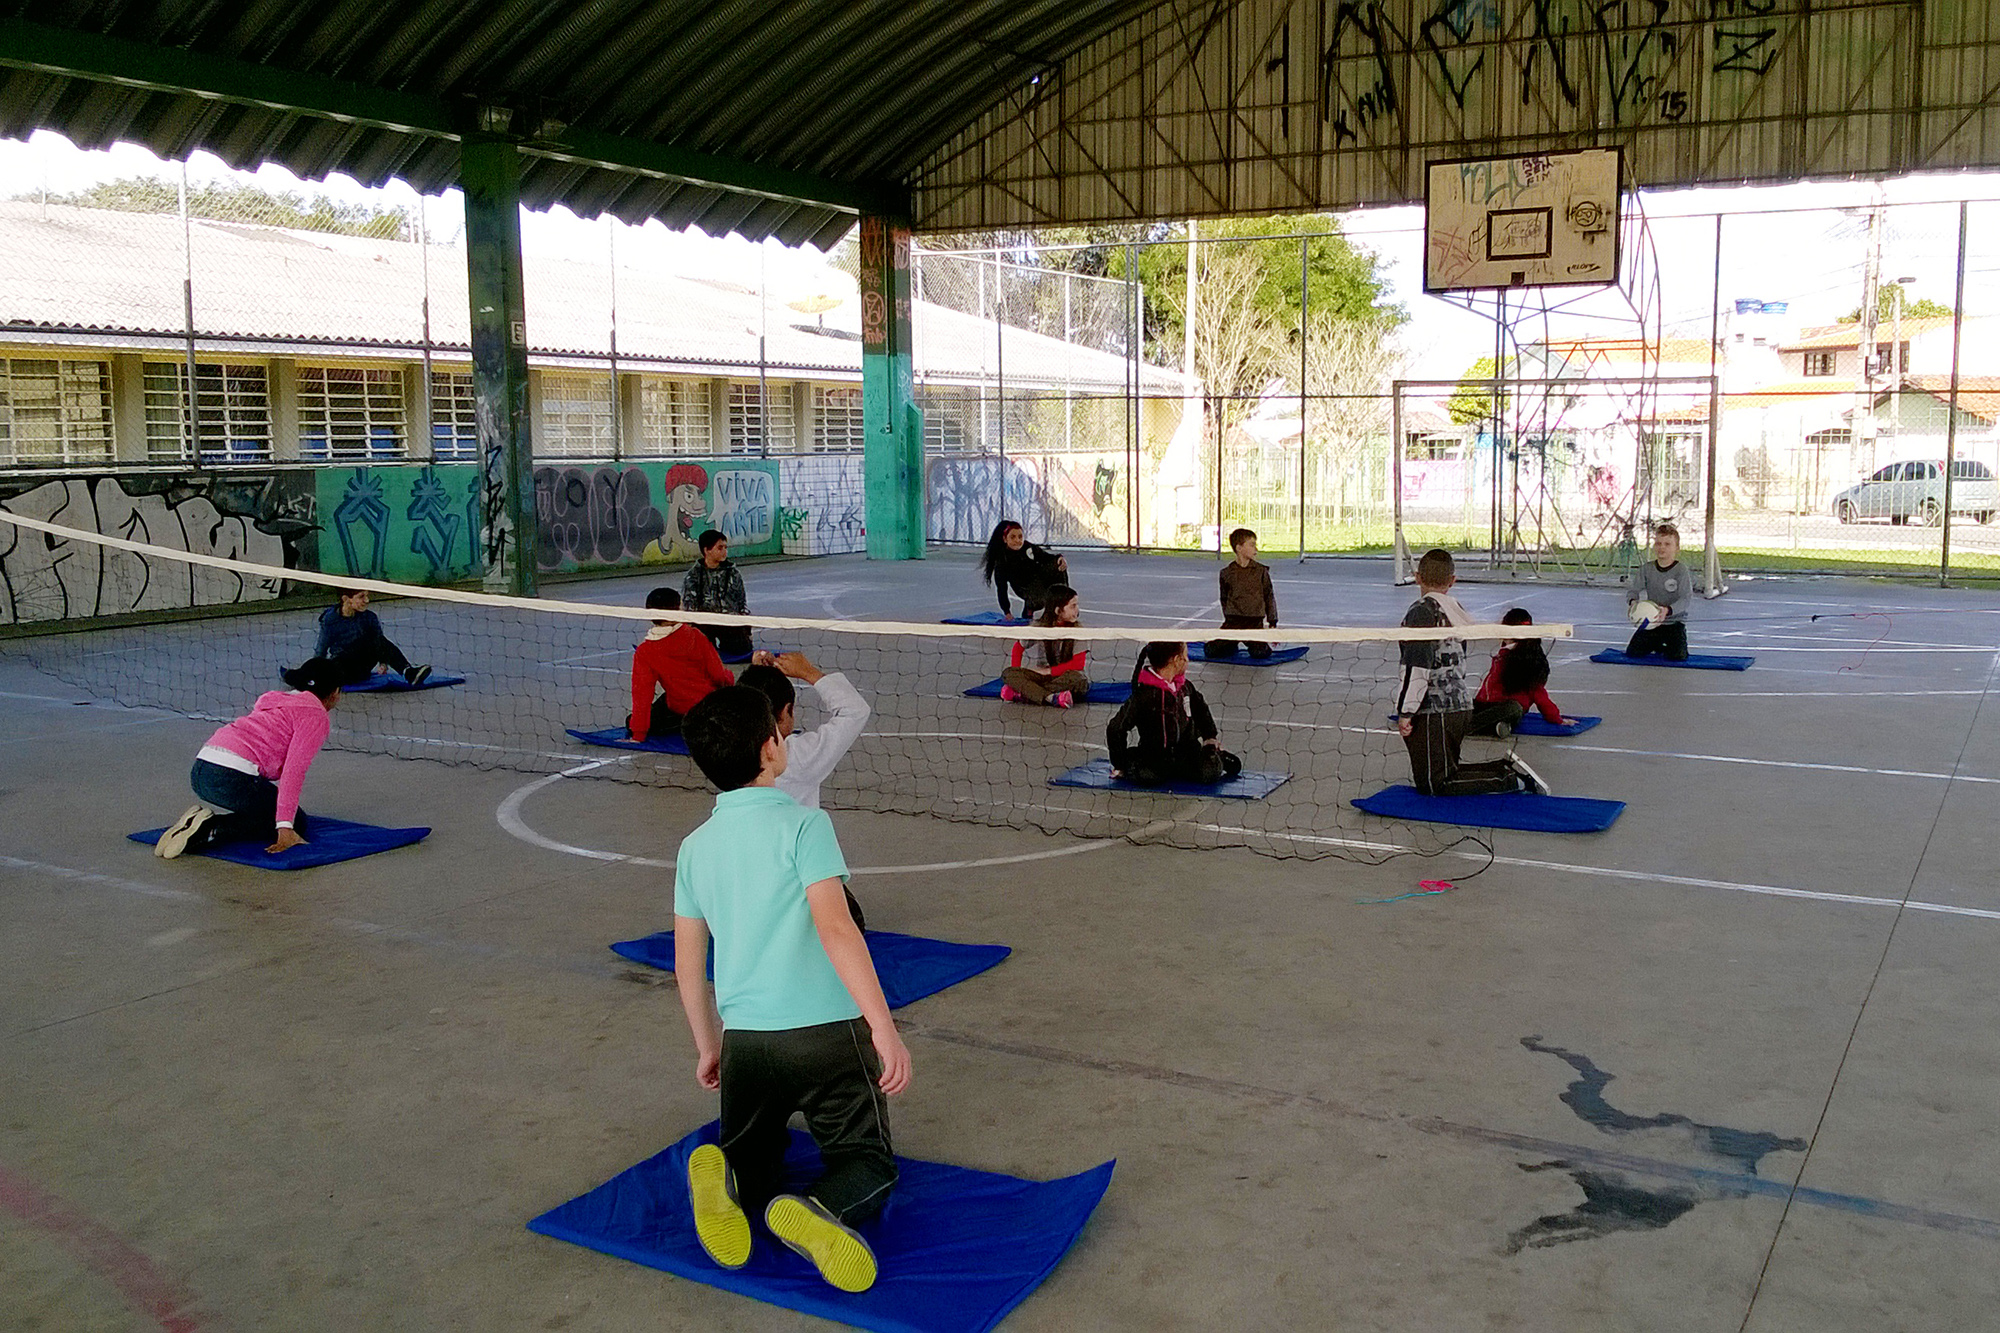 Um grupo de crianças joga vôlei sentado em uma quadra de esportes em uma escola. As crianças estão divididas em dois times, cada jogador está de joelhos sobre um colchonete no chão. A rede de vôlei no meio da quadra está no nível do chão.